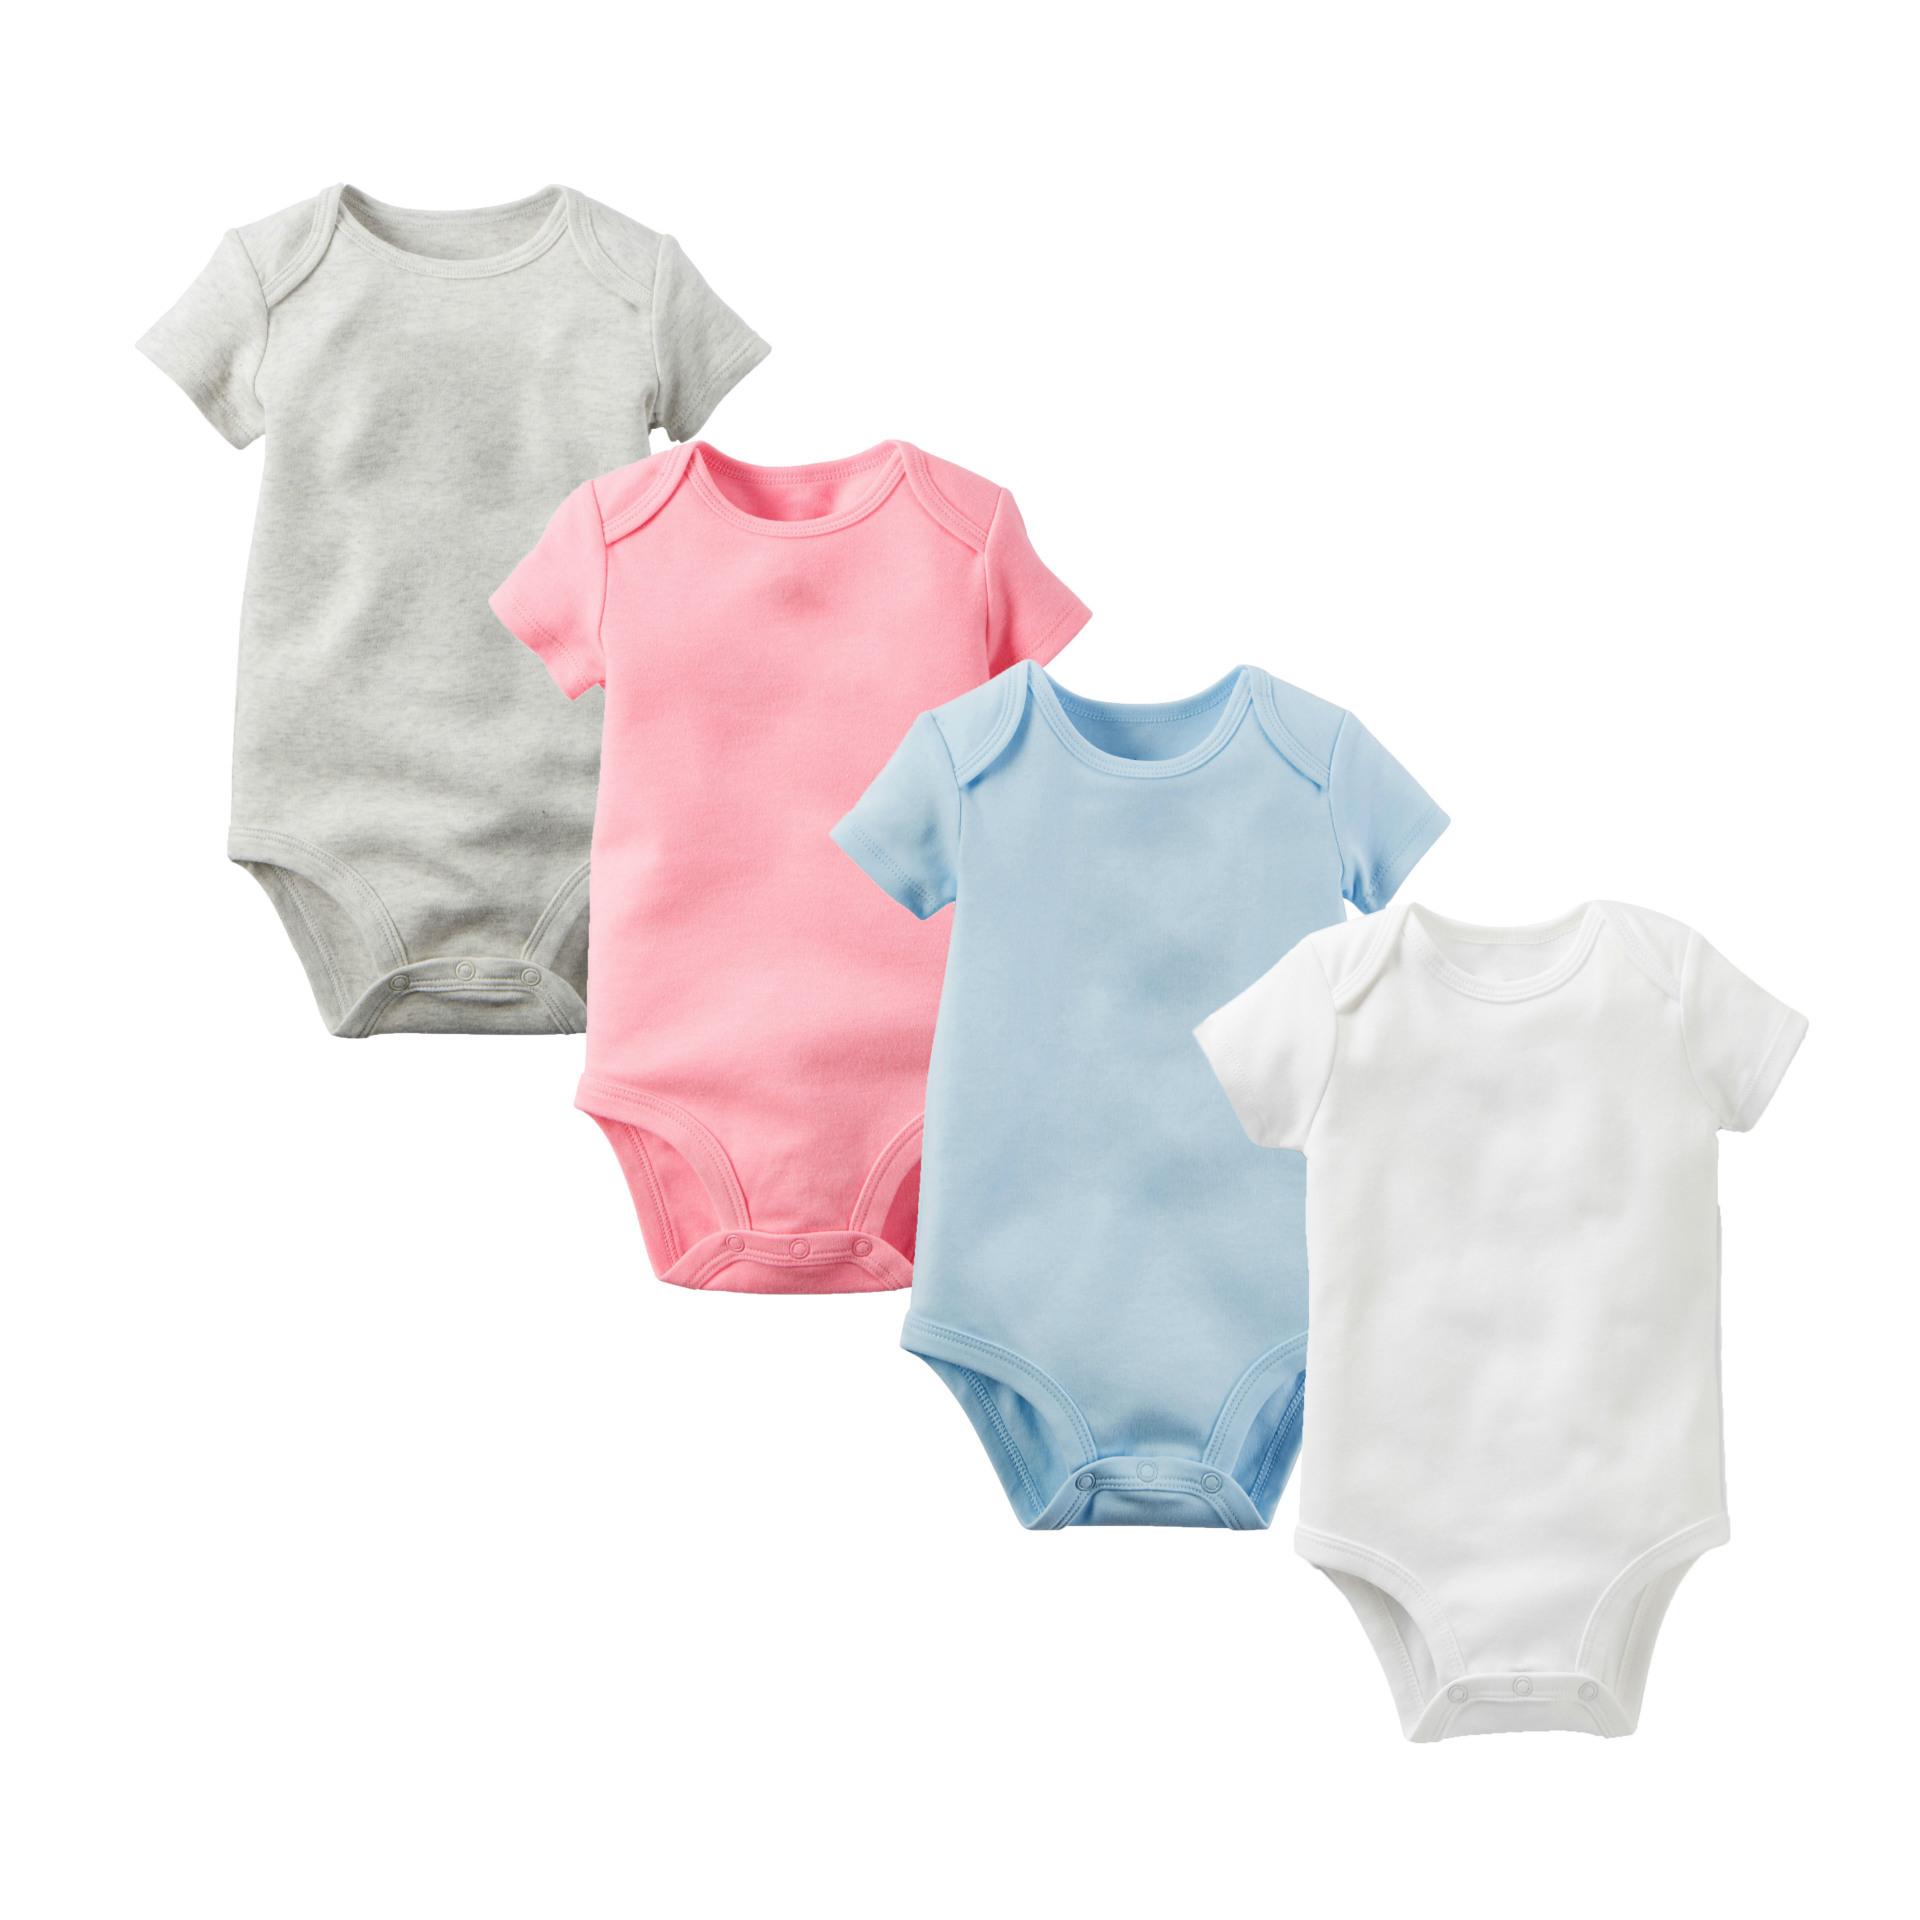 Al por mayor personalizado recién nacido frescas de algodón de manga corta estilo ropa de bebé niña blanco bebé mameluco